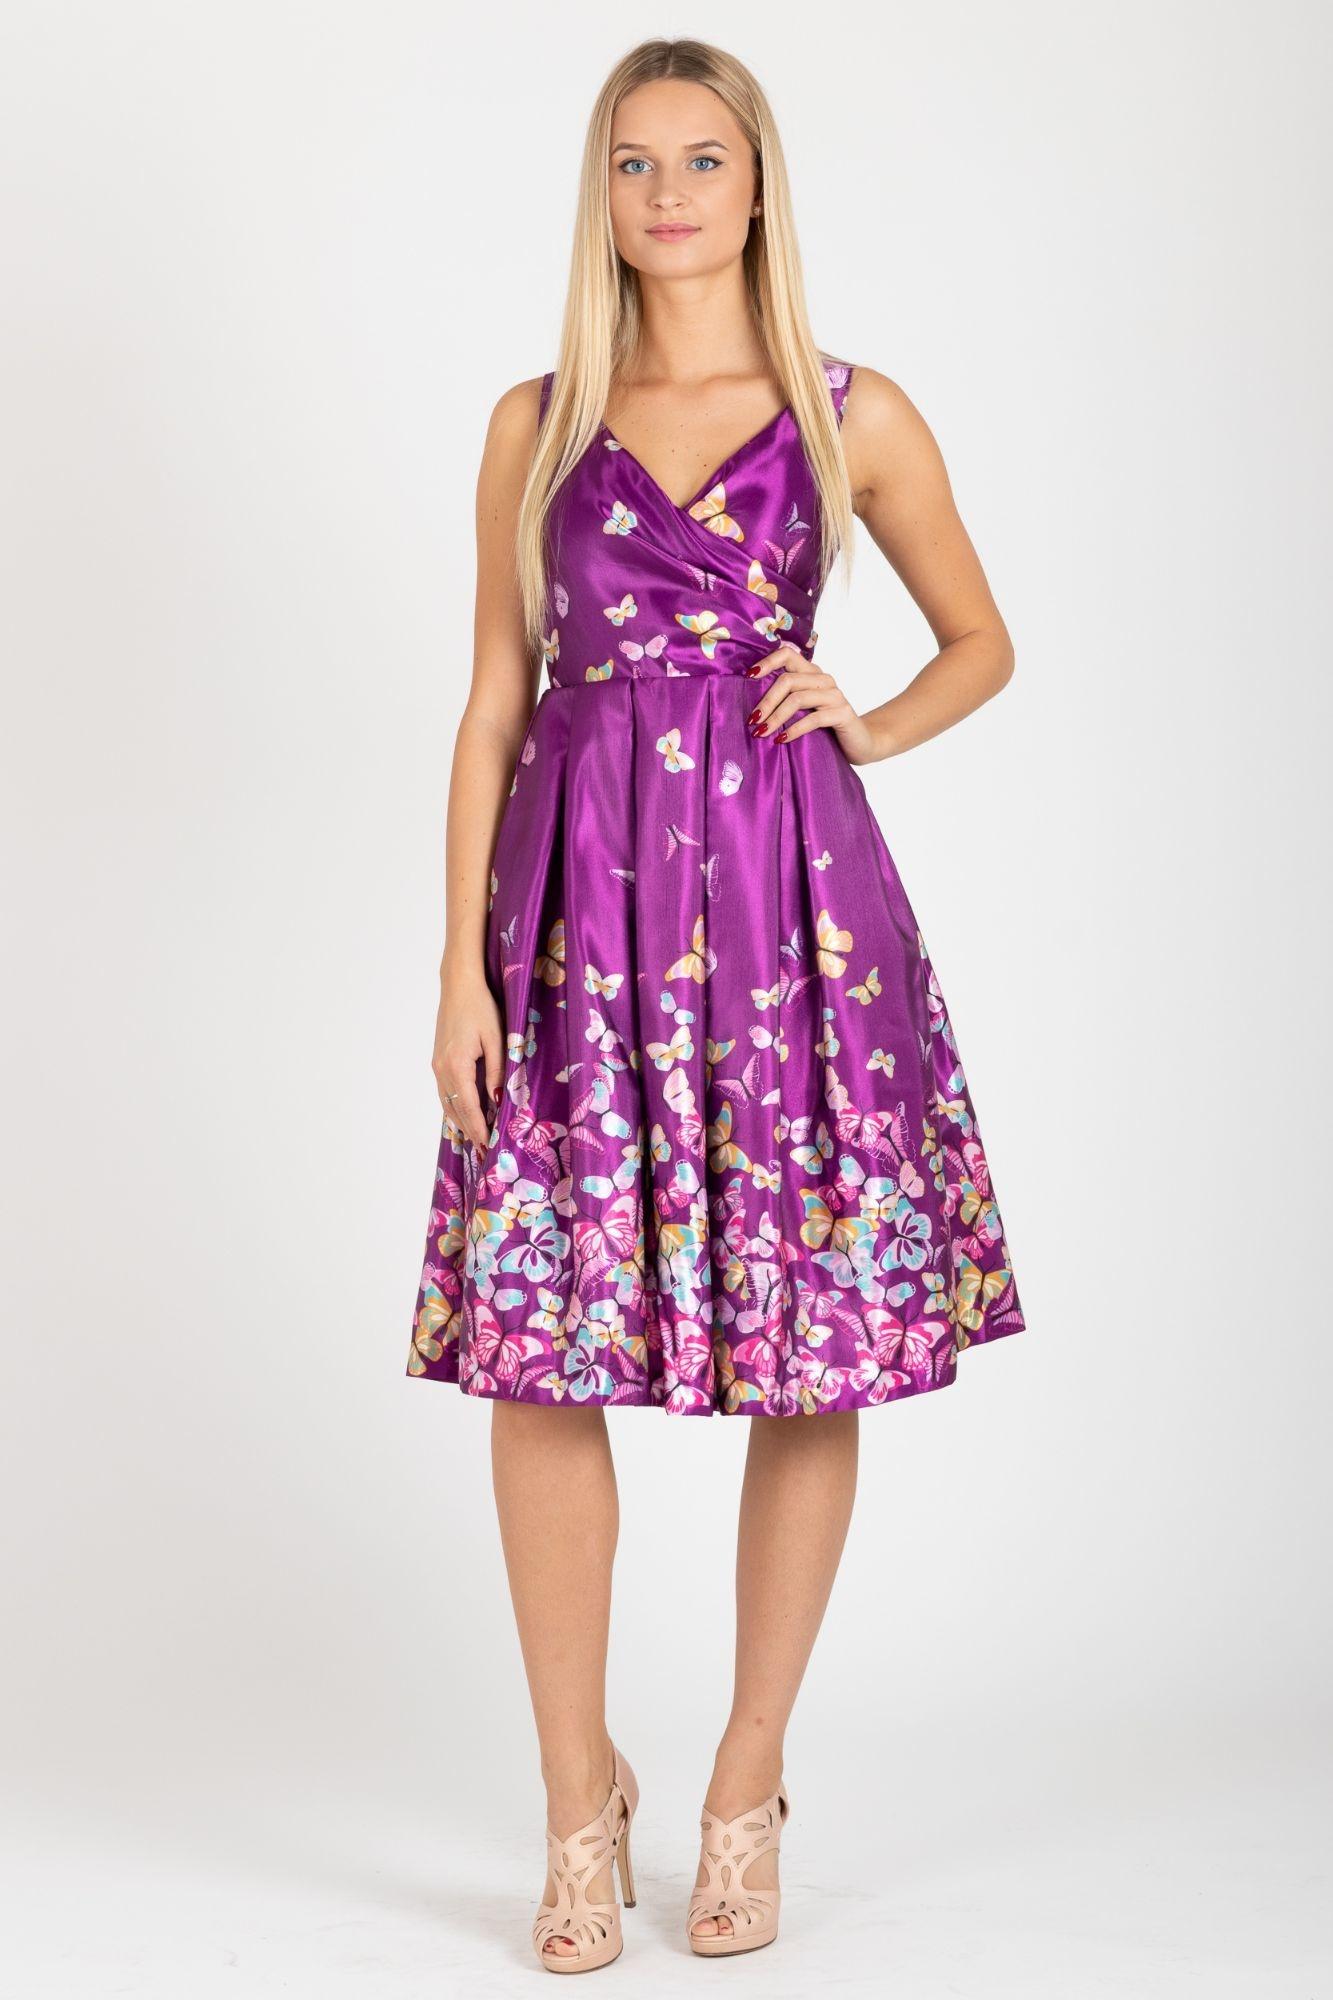 5c09cfd6bed4 LindyBop společenské šaty Aurora